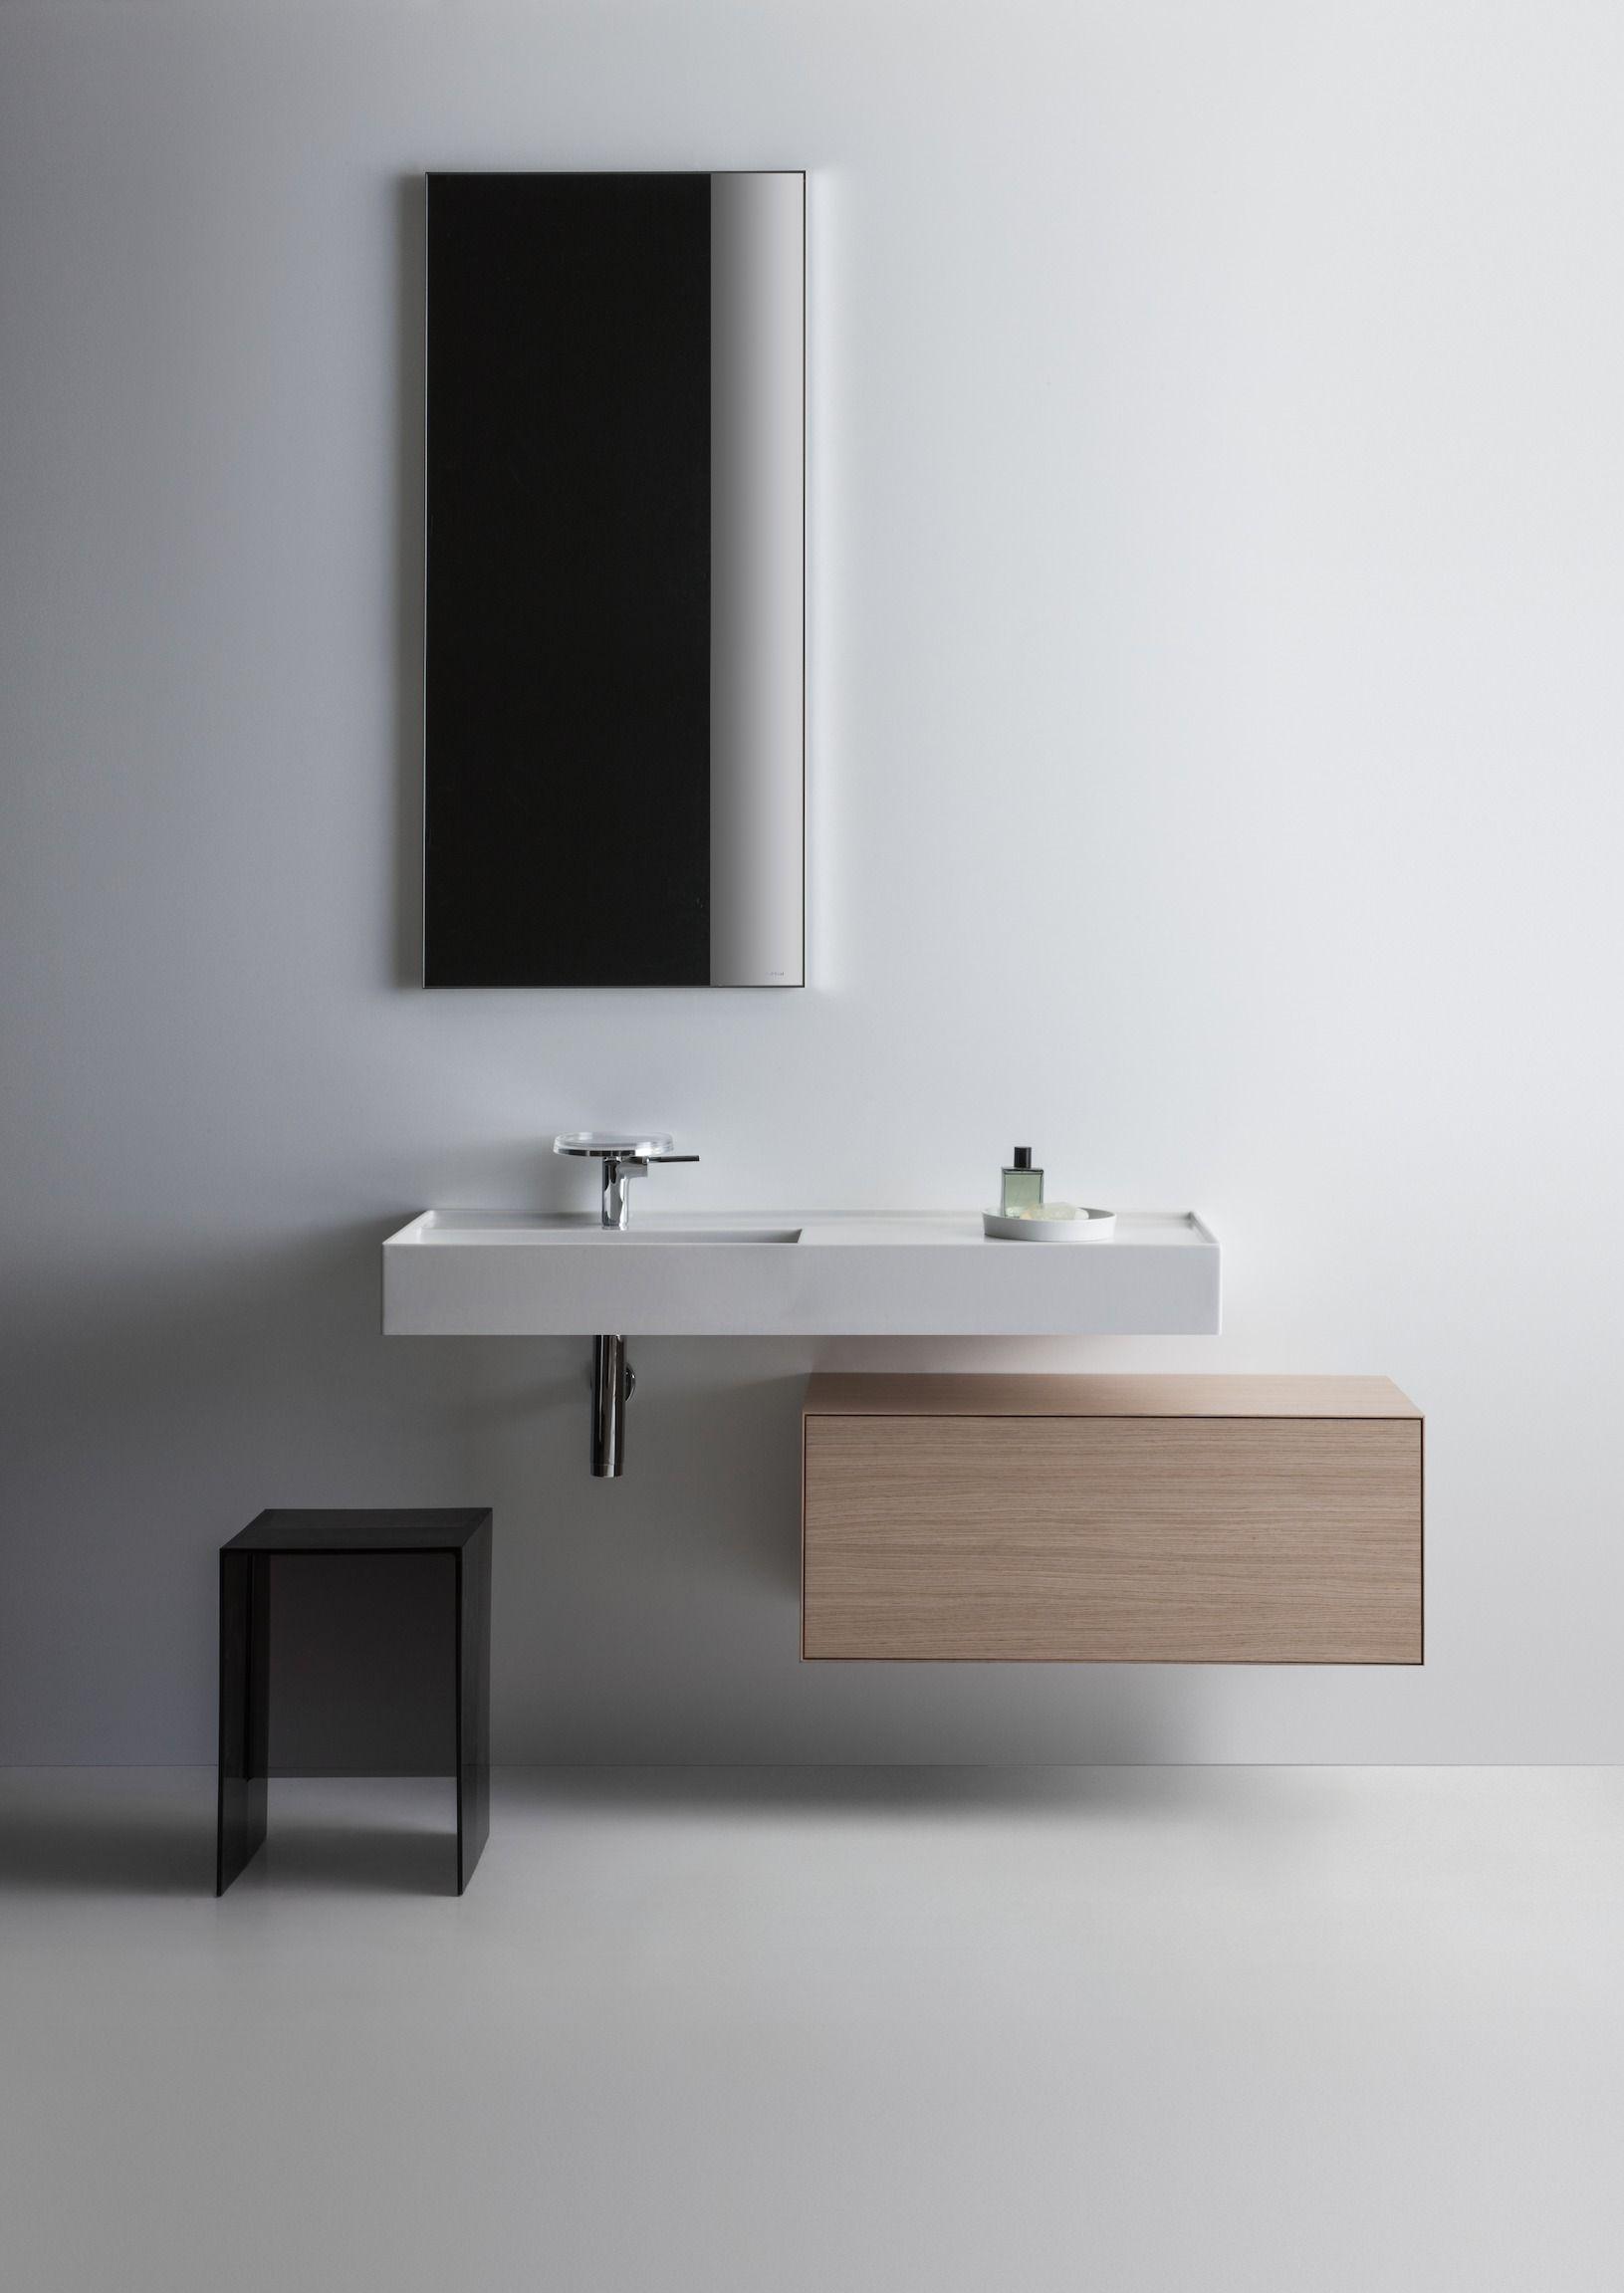 Kartell By Laufen Laufen Bathrooms Bathroom Furniture Design Laufen Bathroom Bathroom Furniture